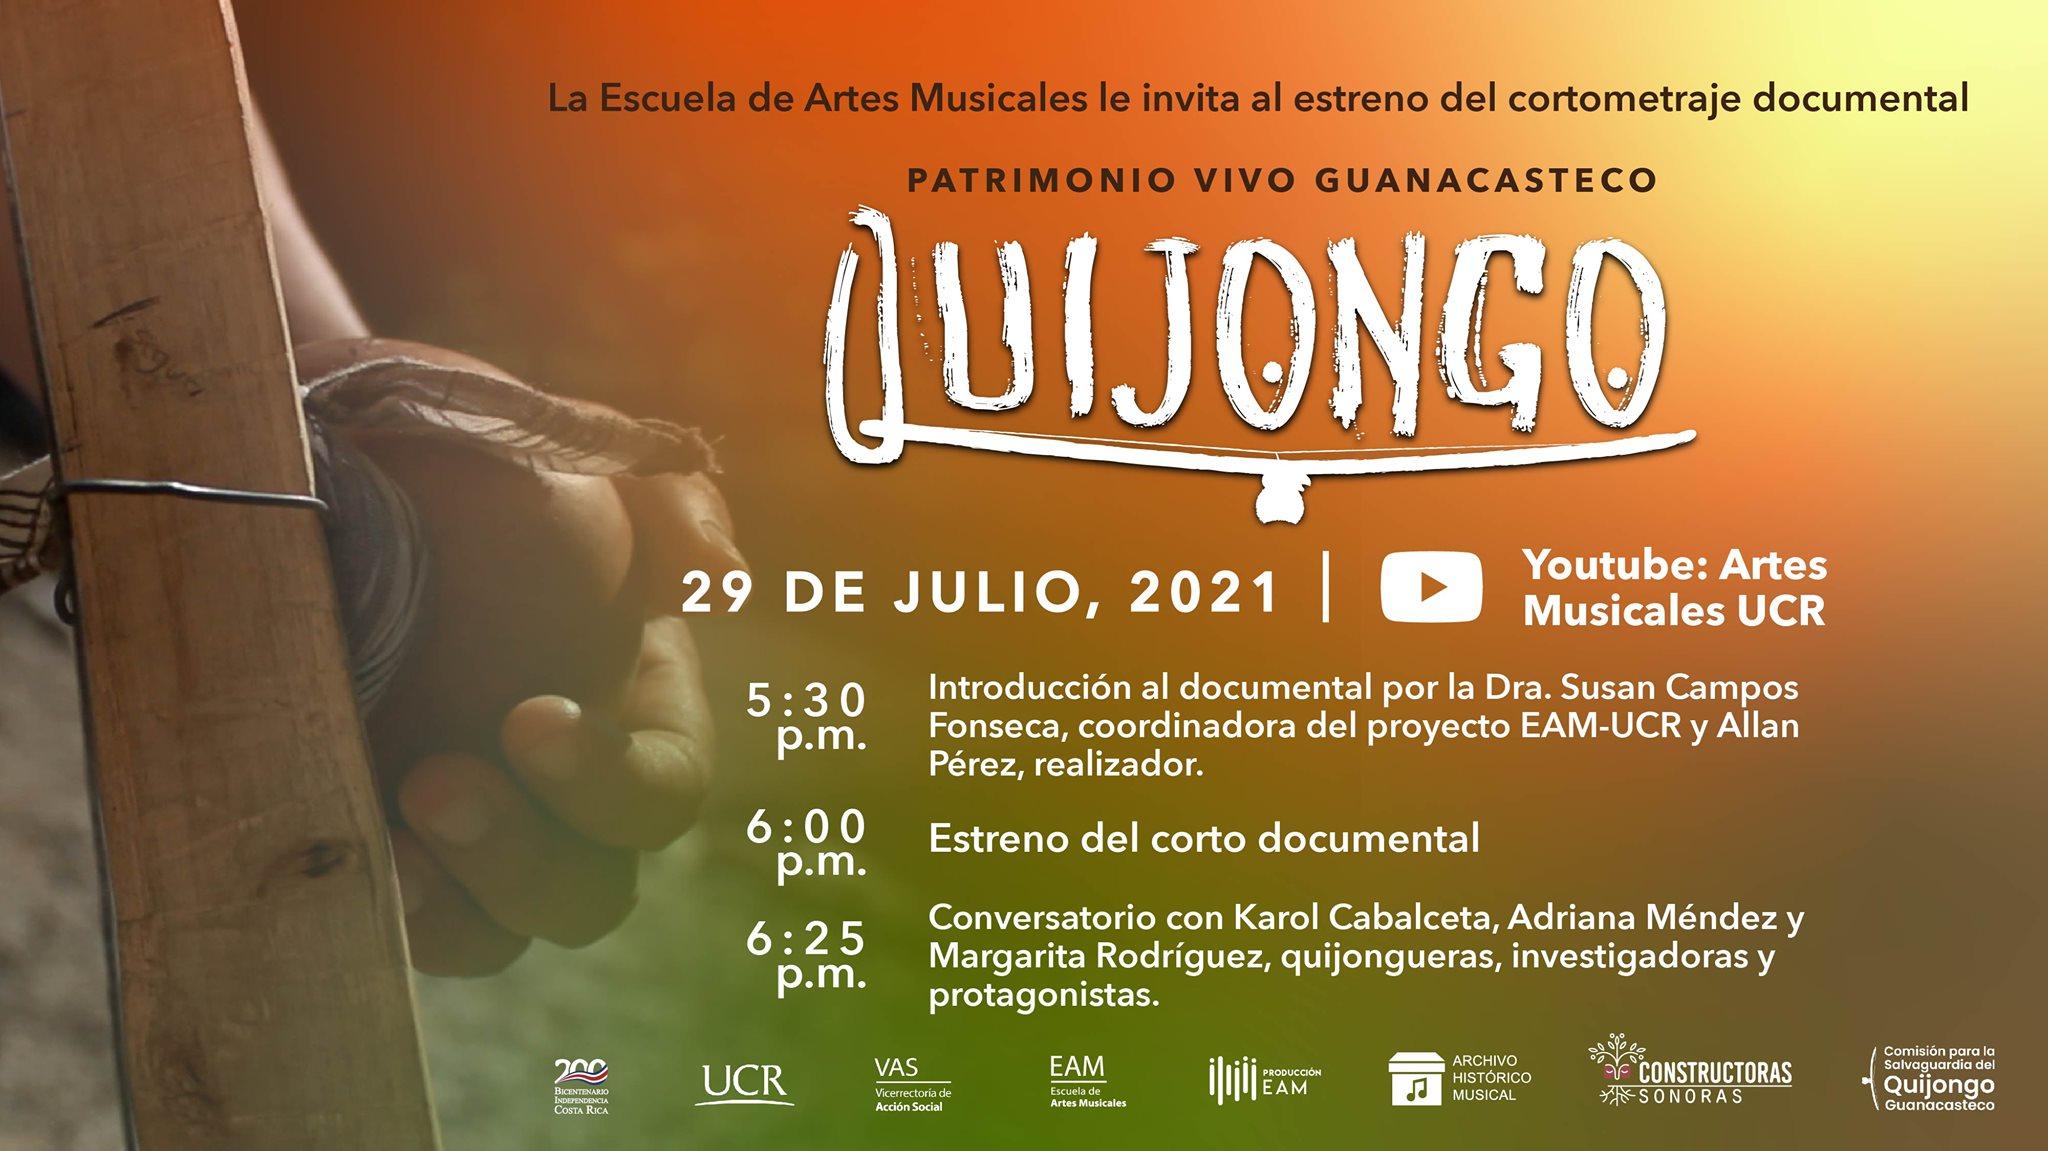 Quijongo, Patrimonio Vivo Guanacasteco (Estreno cortometraje documental)